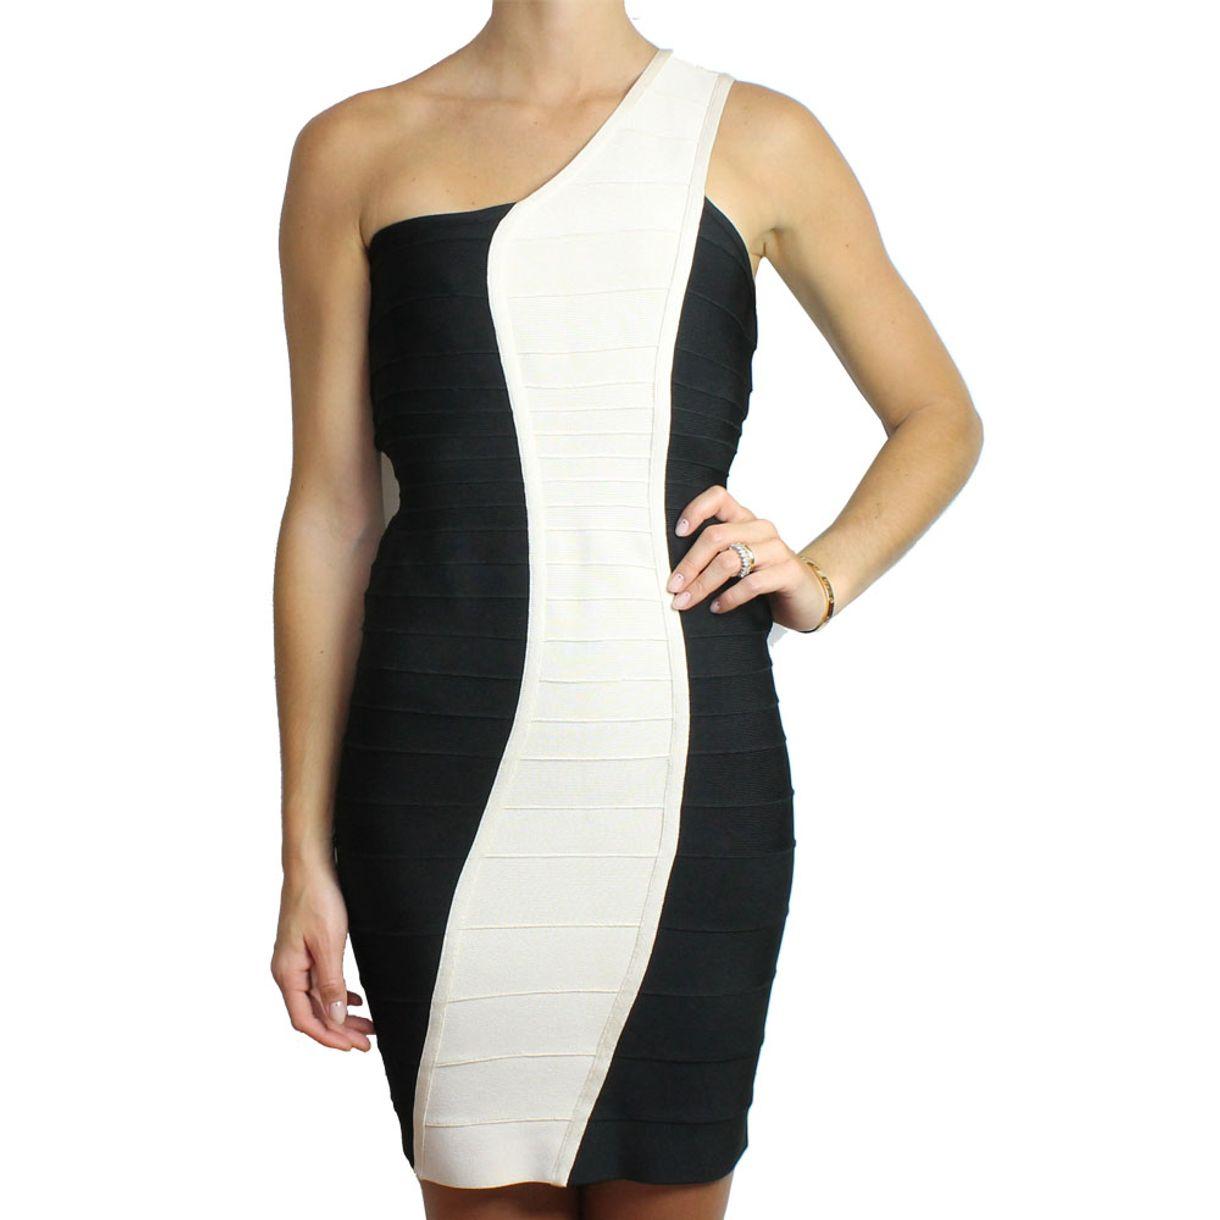 Vestido-Herve-Leger-Preto-e-Branco-Curto